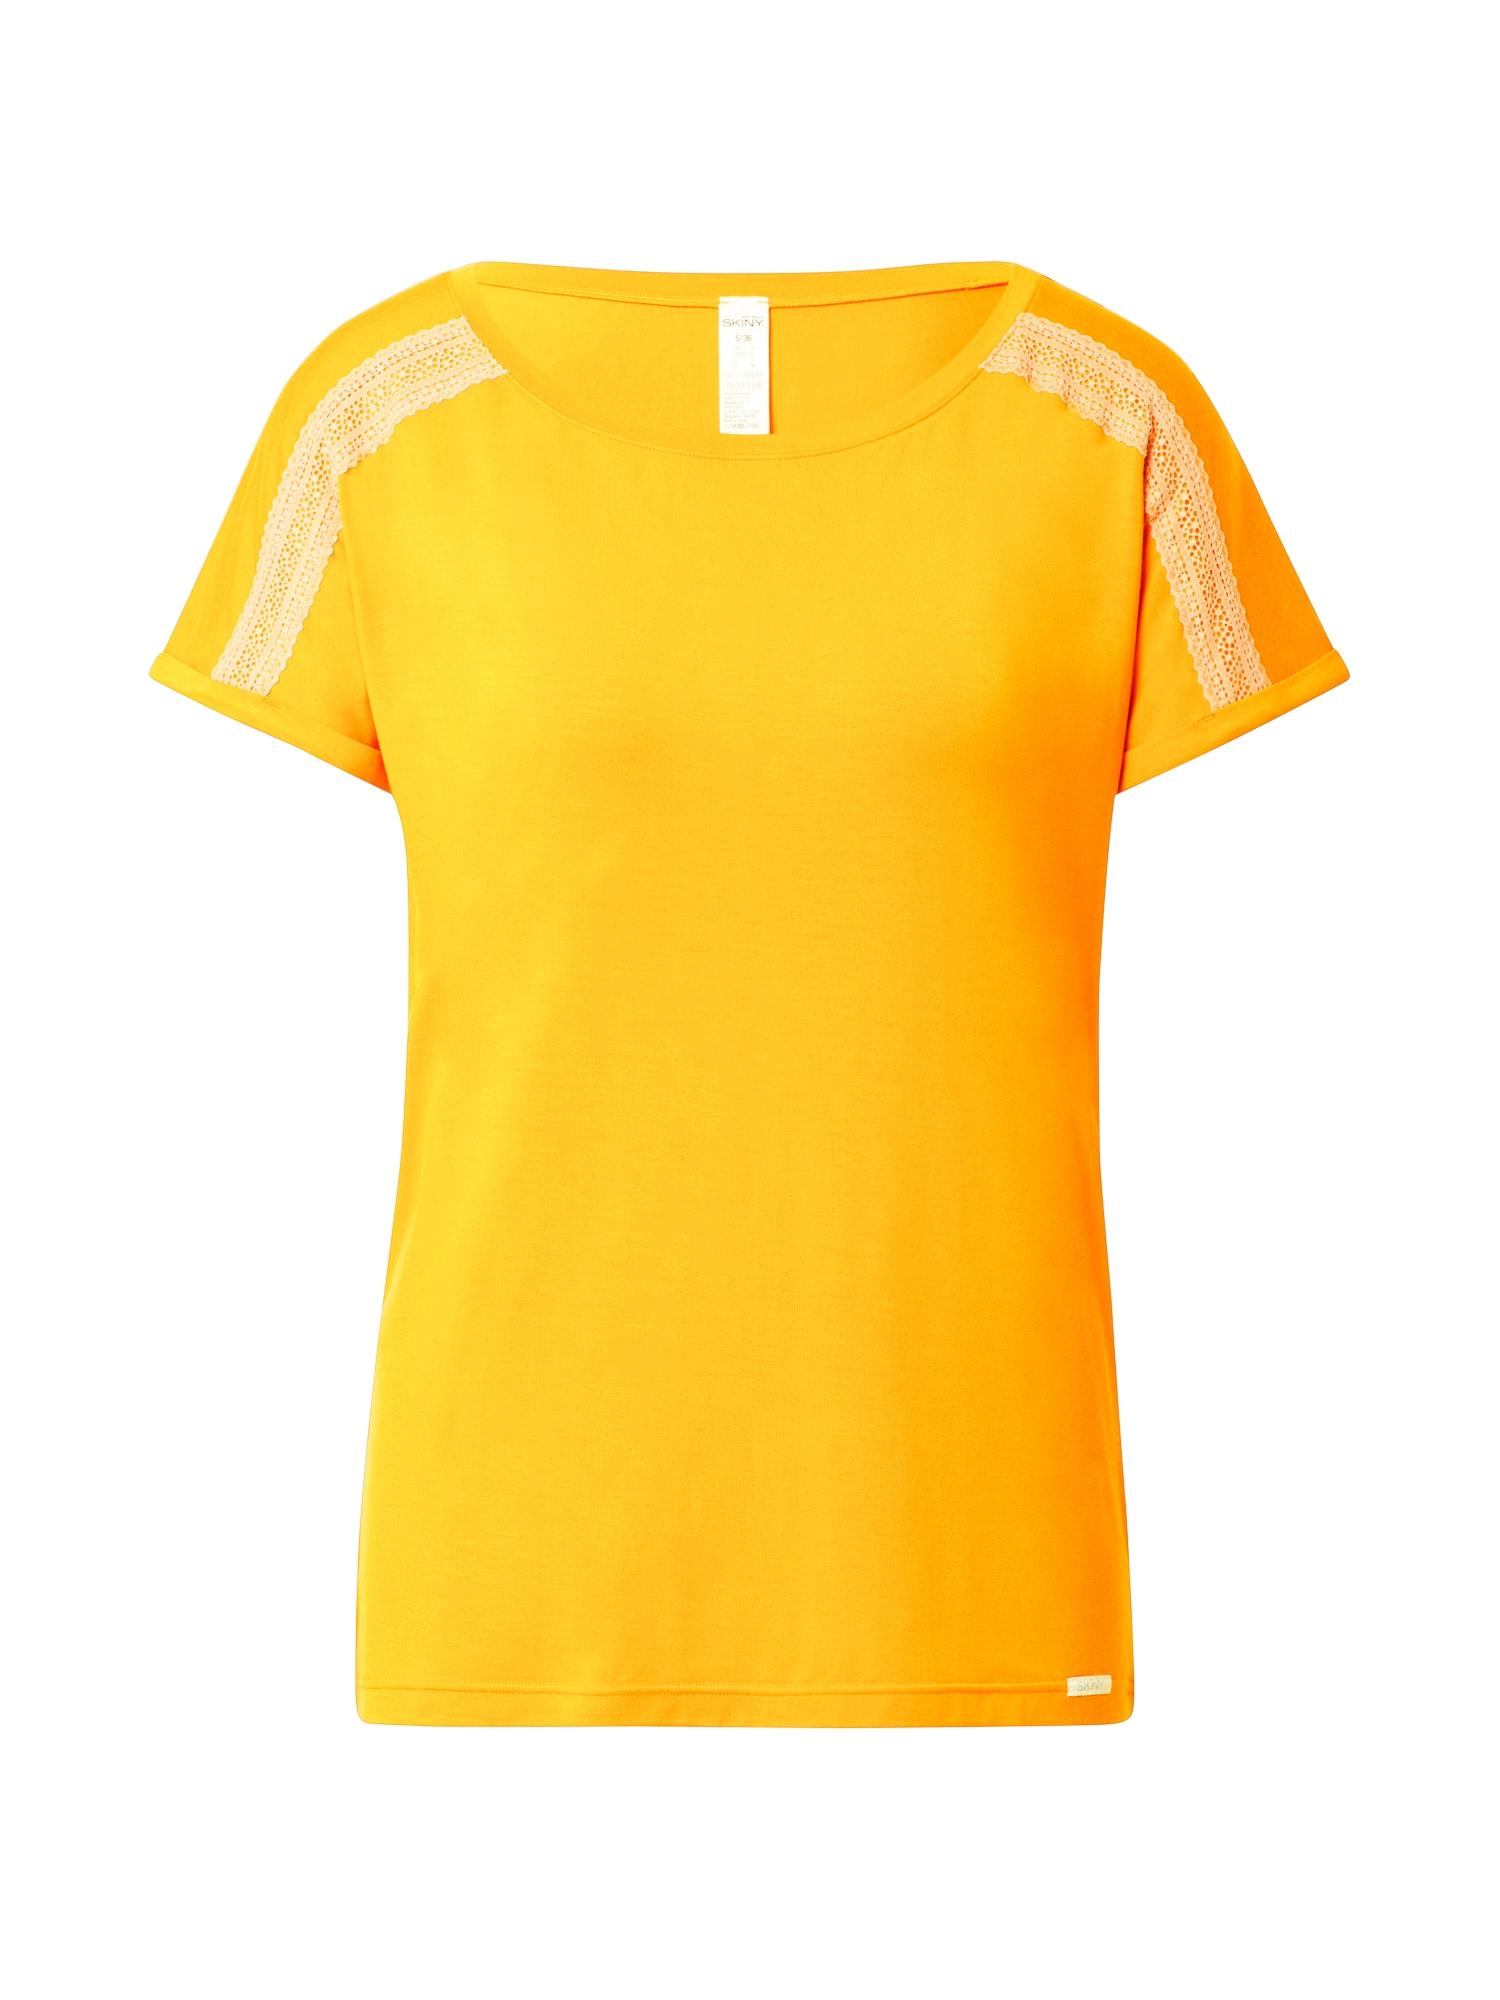 Skiny Pižaminiai marškinėliai geltona